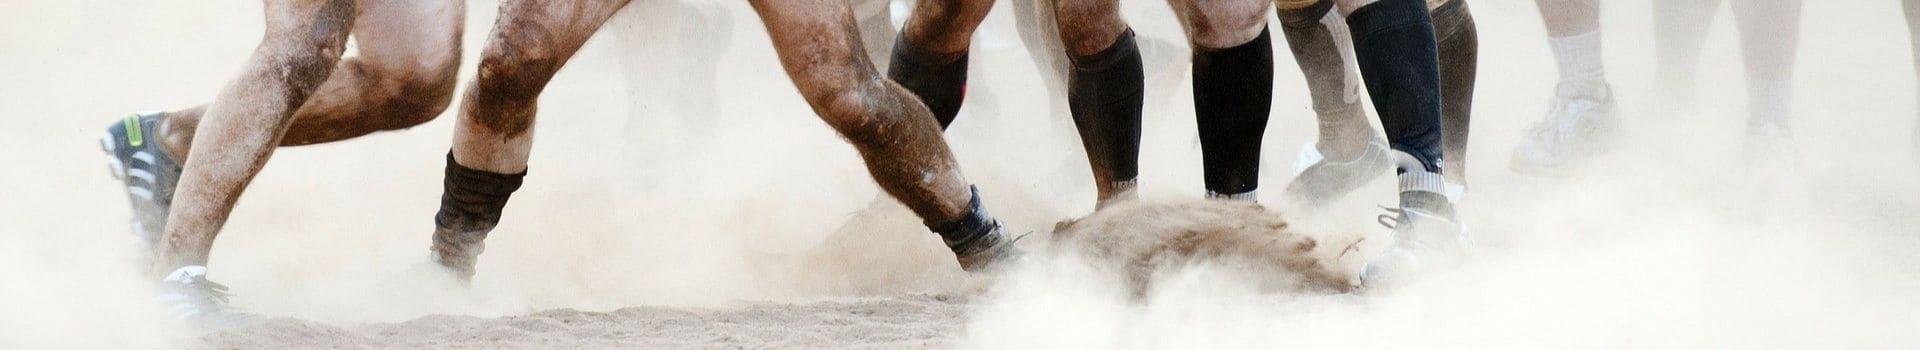 produzione calze da rugby